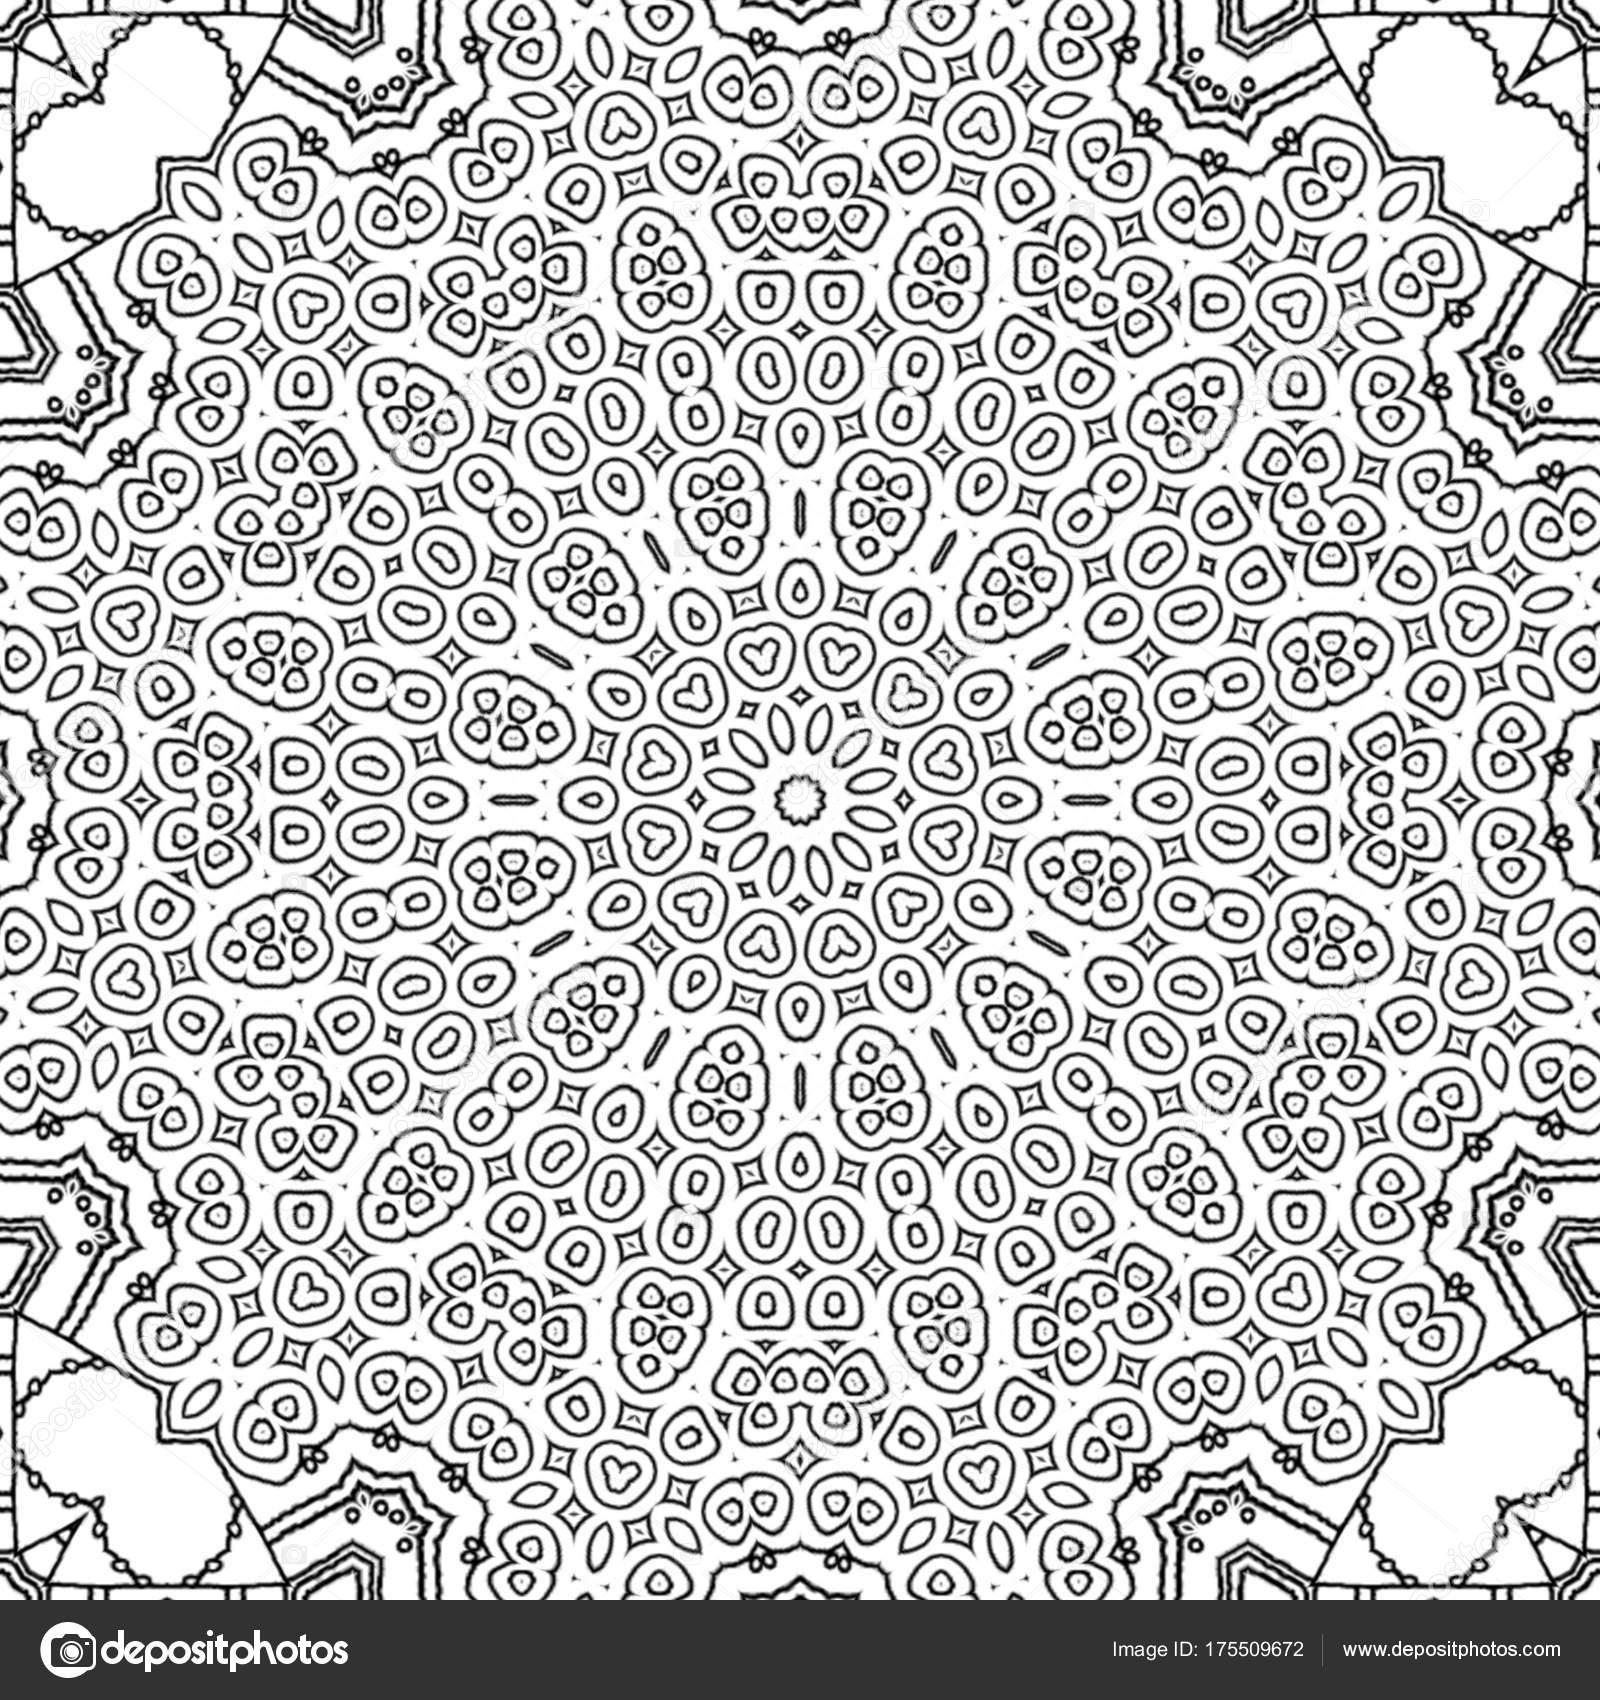 Malvorlagen Zeichnung Abstrakt Monochrome Mandala Runde Zentriert ...